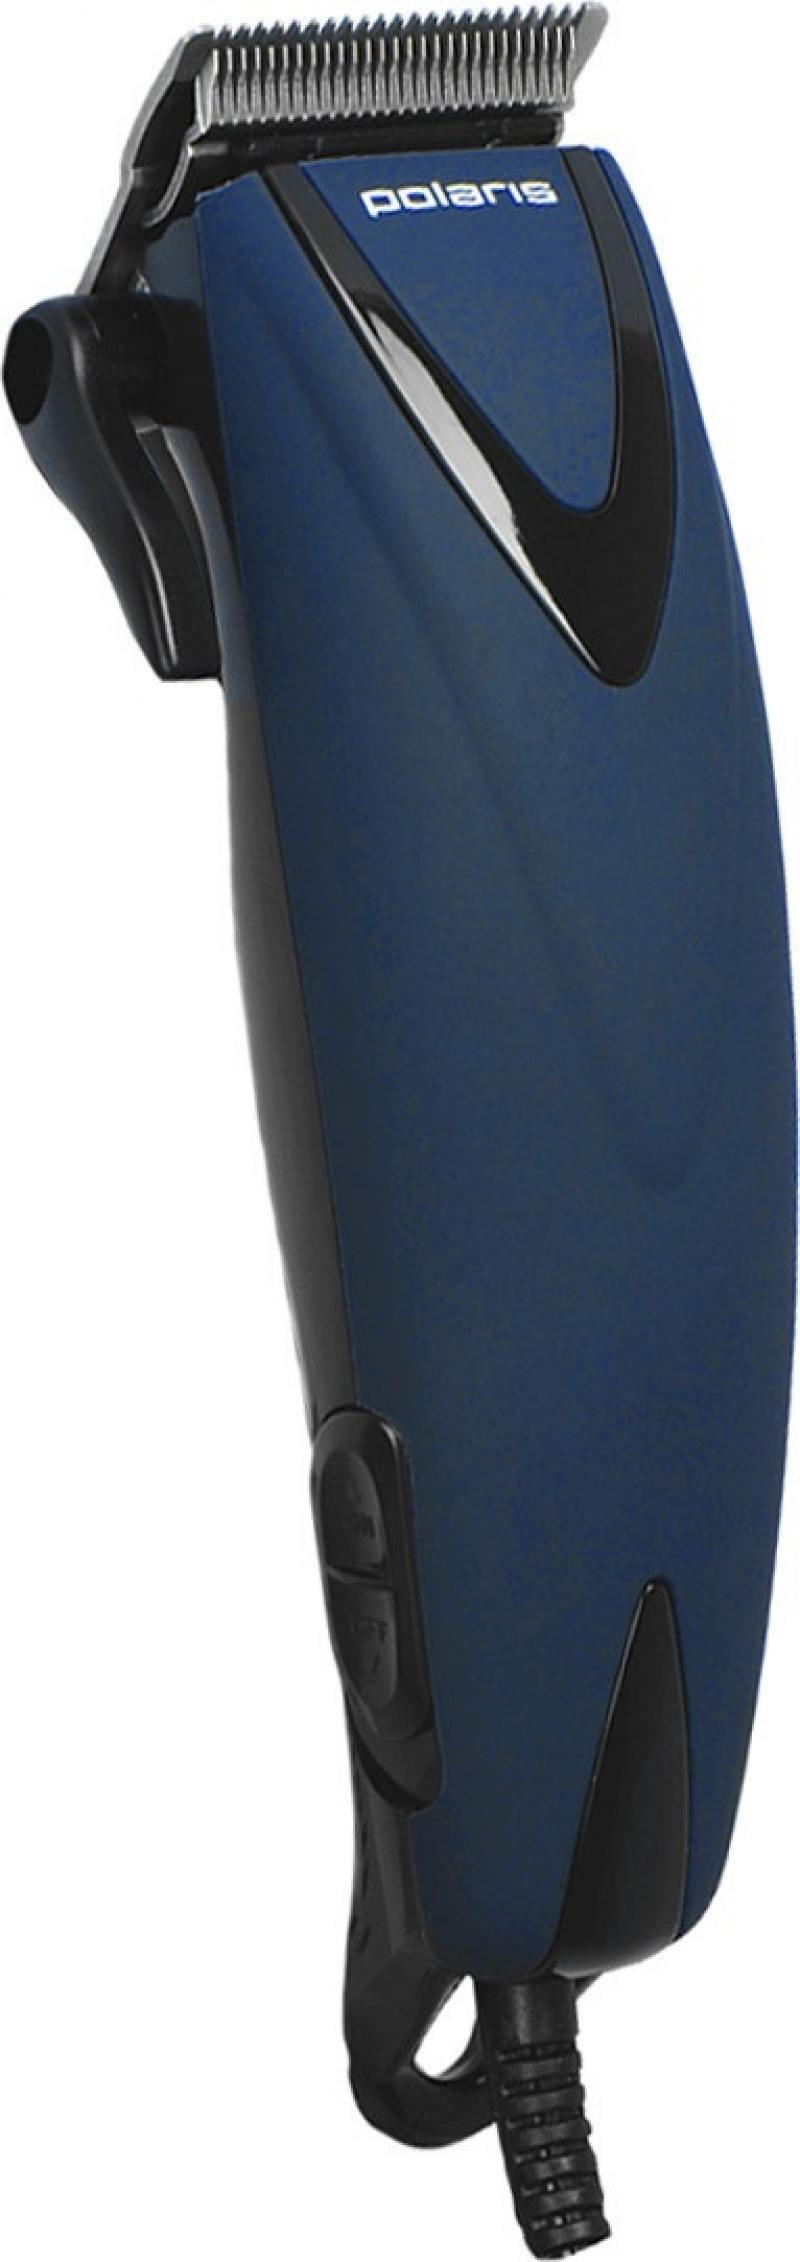 Машинка для стрижки волос Polaris PHC 0714 синий